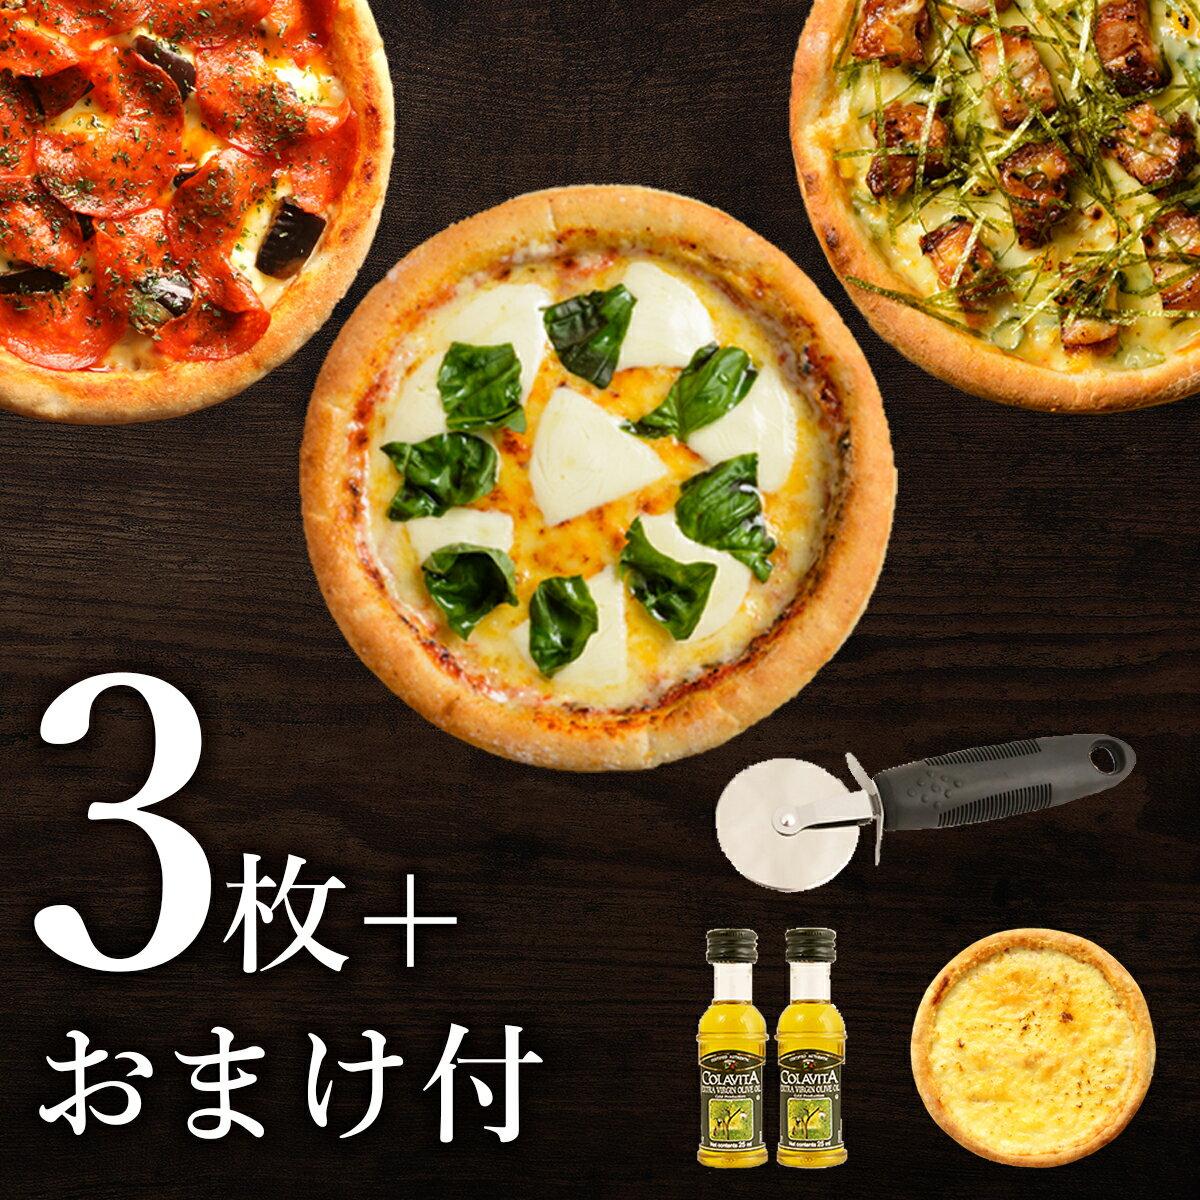 ピザ冷凍 / 送料無料!2種類の3枚ピザセットから選べるお試しセット(シーフードピザ、チーズピザ他)/ さっぱりチーズ・ライ麦全粒粉ブレンド生地・直径役20cm